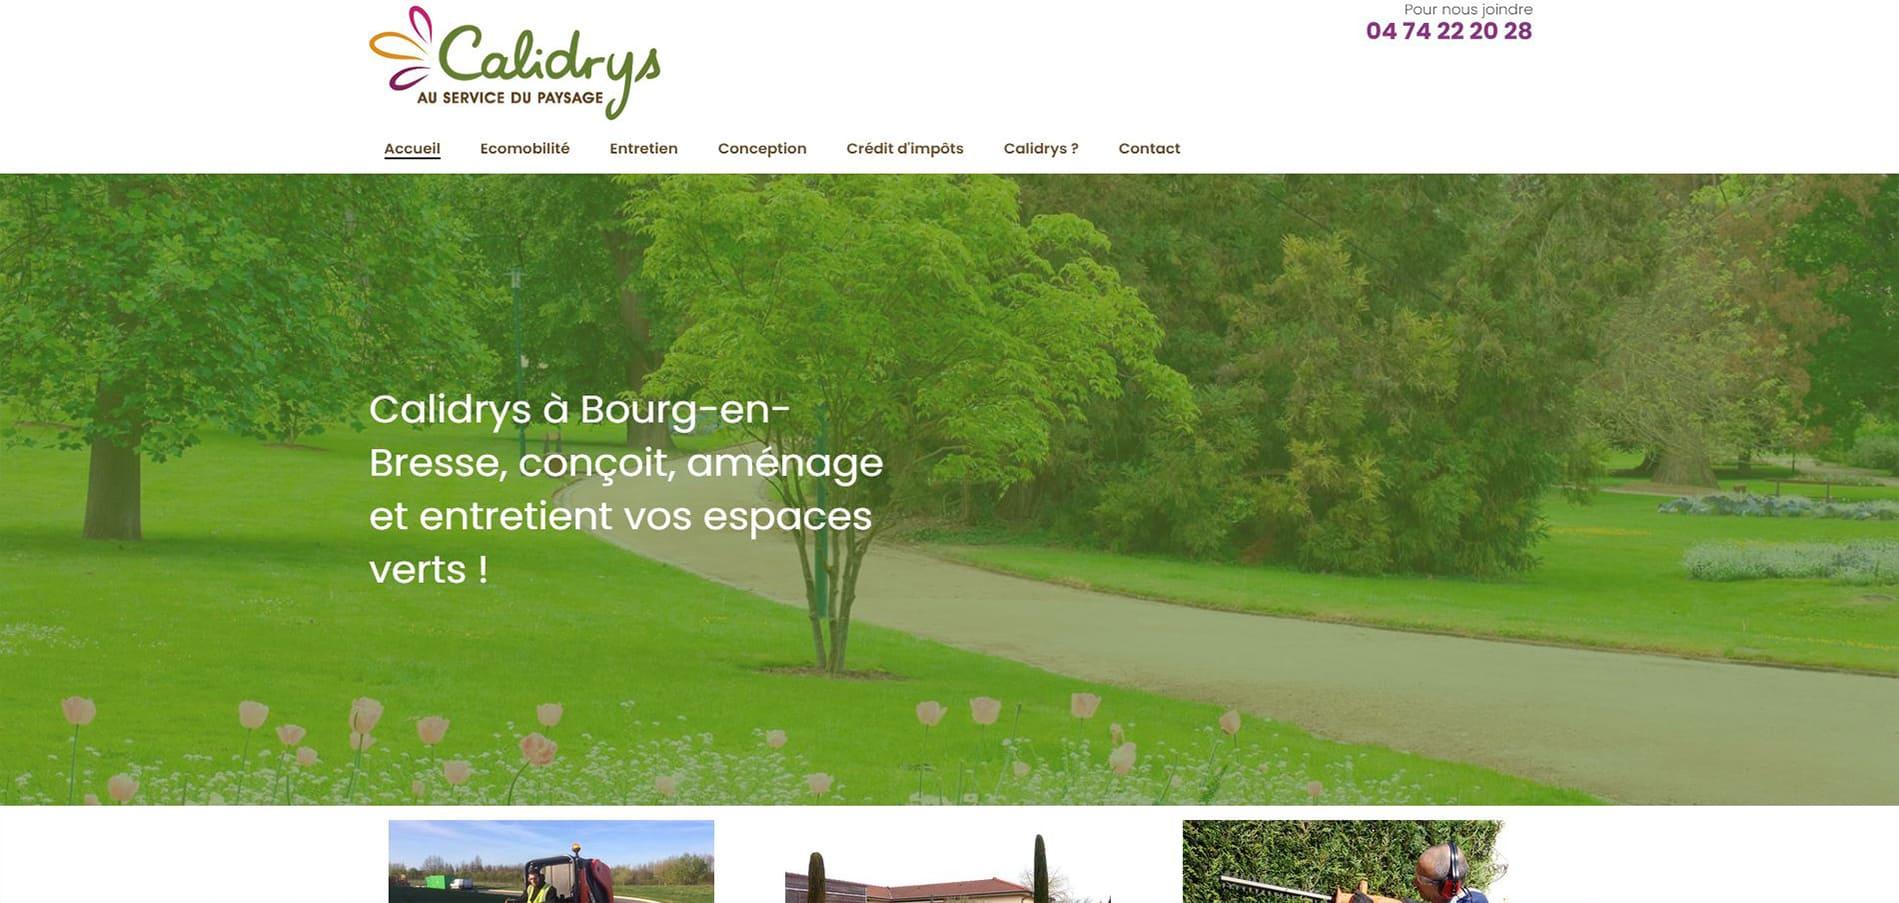 Page d'accueil du site de Calidrys Bourg en Bresse